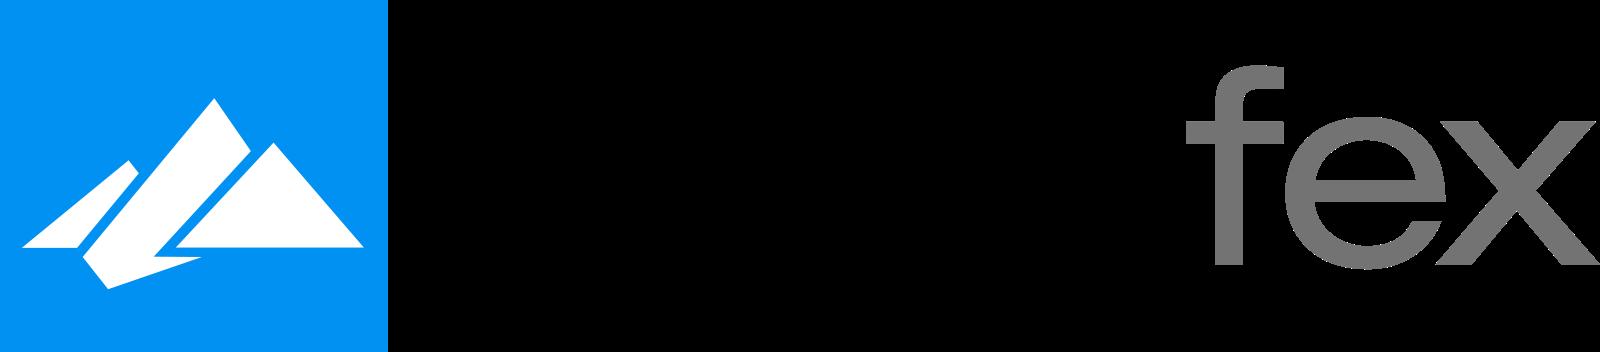 bergfex